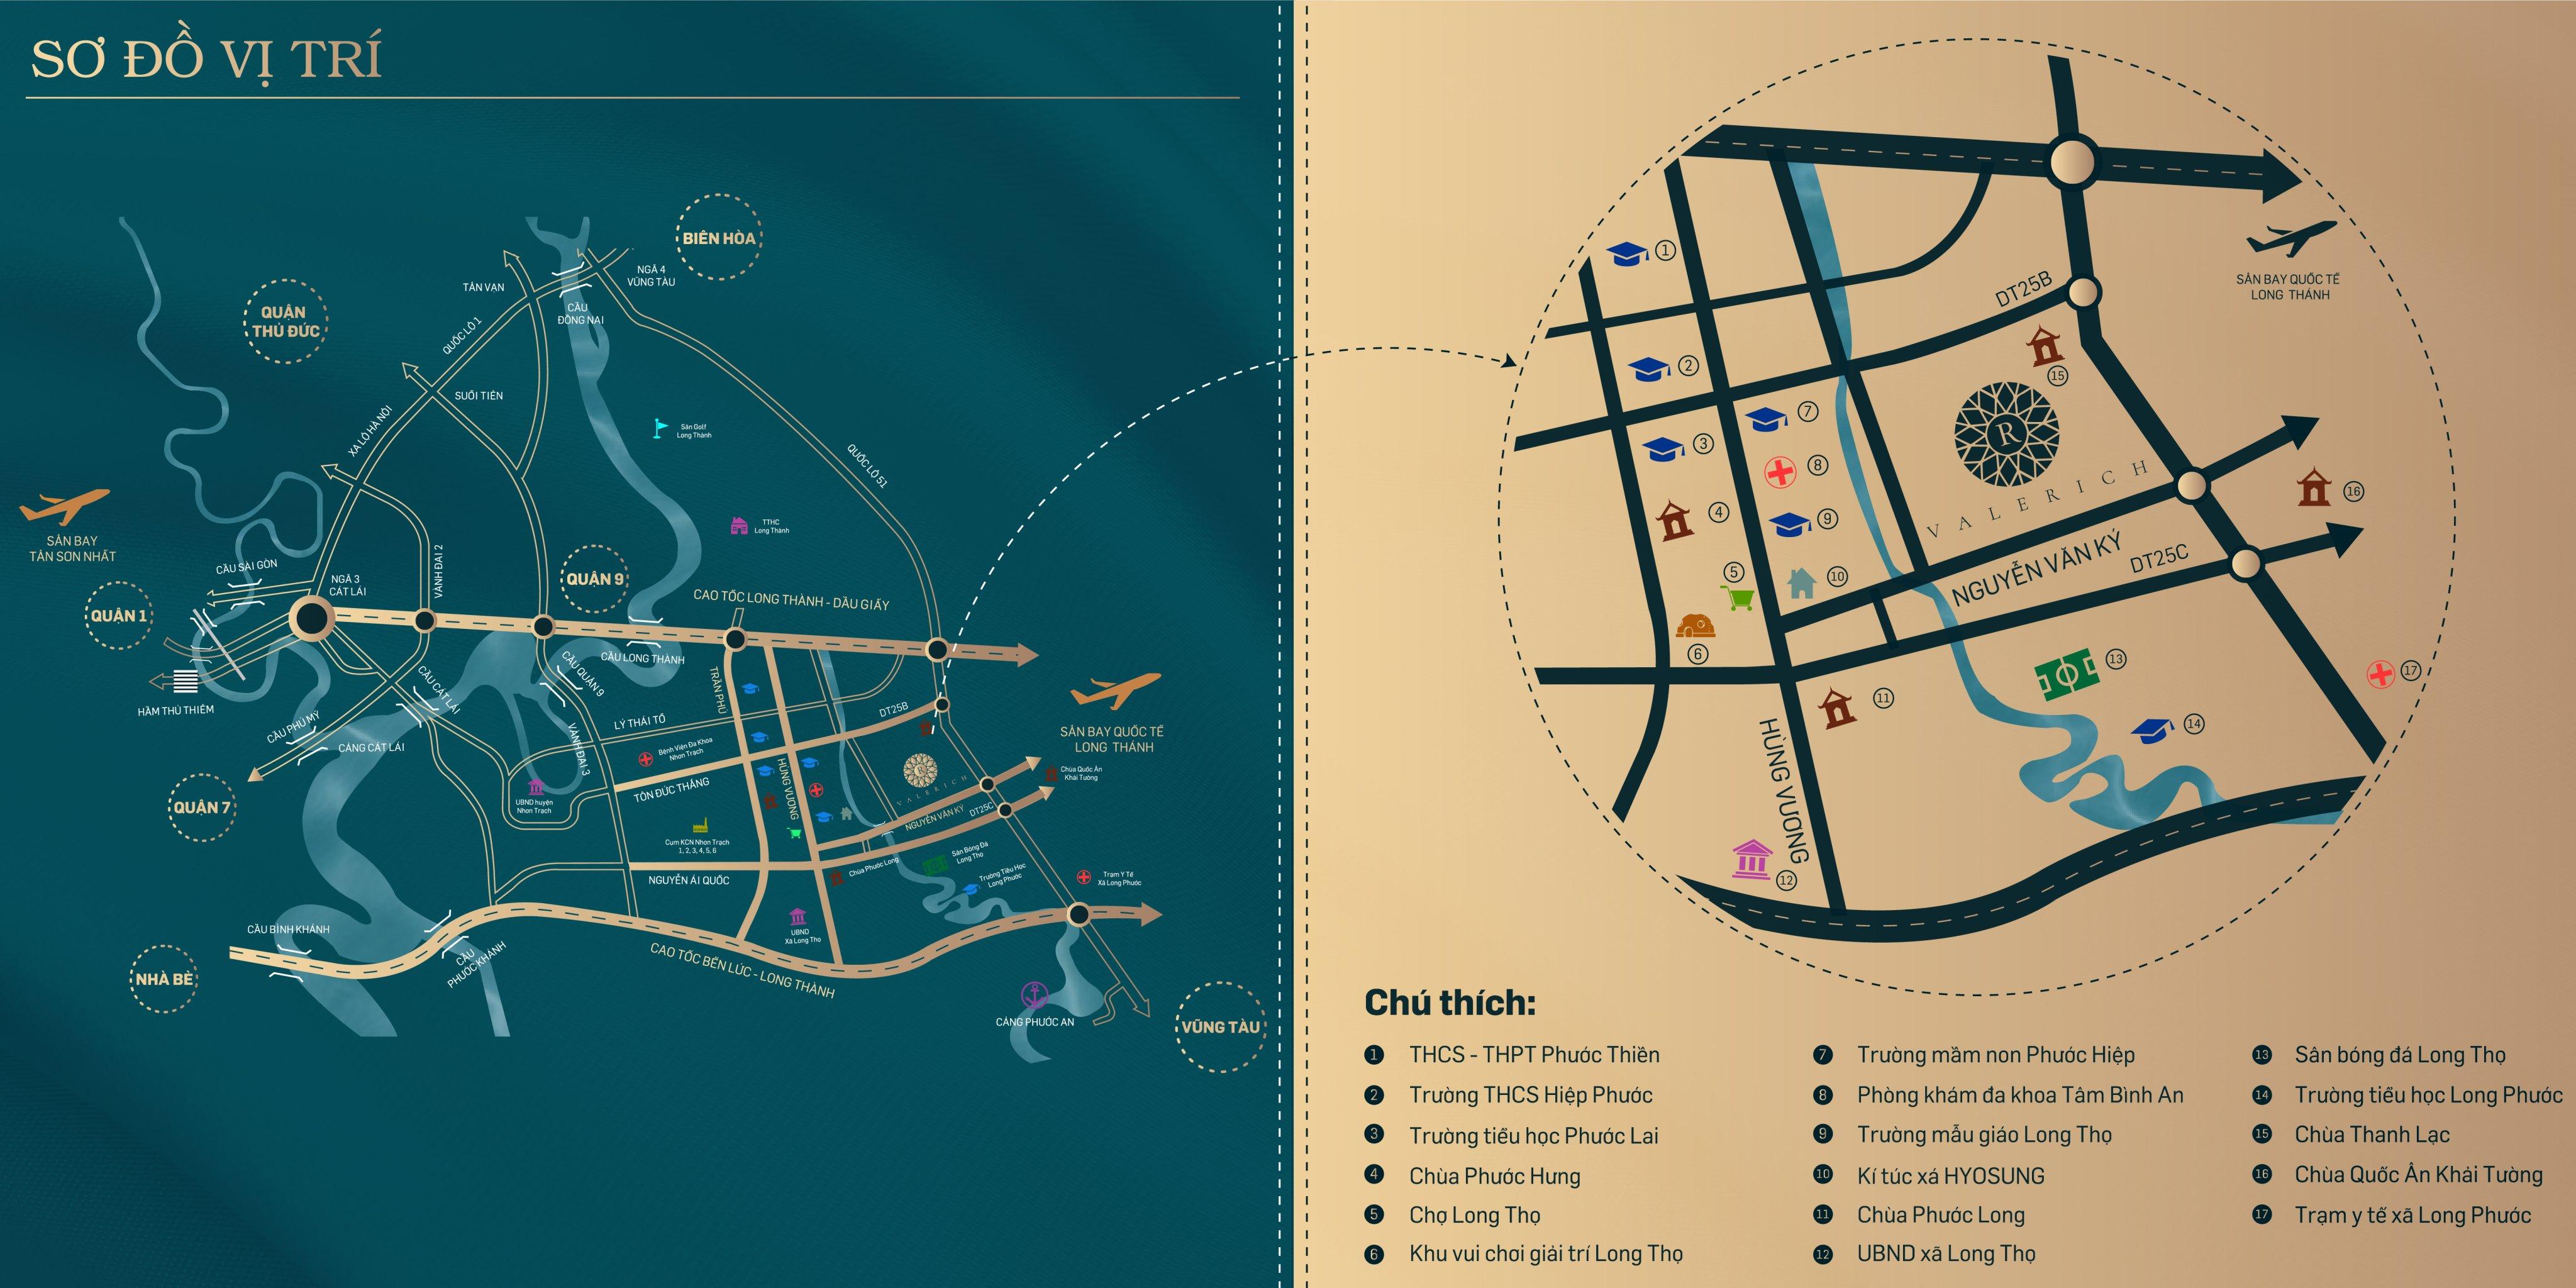 Bản đồ vị trí Valerich